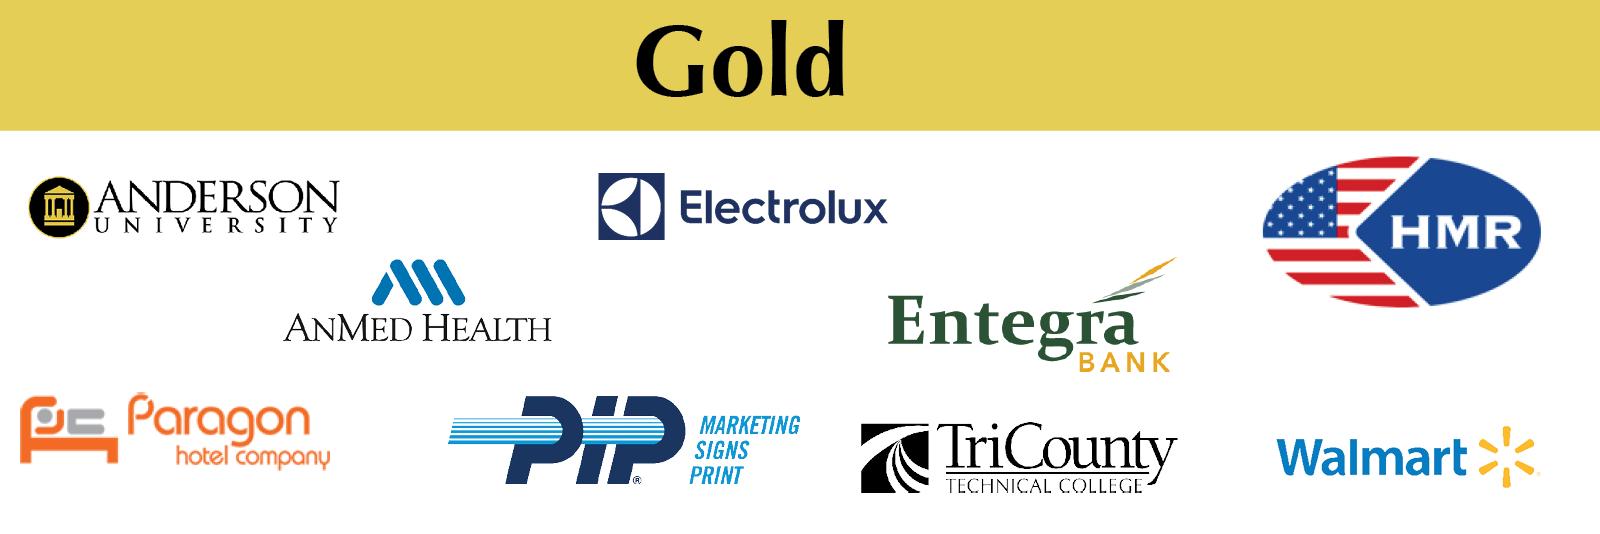 Gold-sponsors-online(2).png